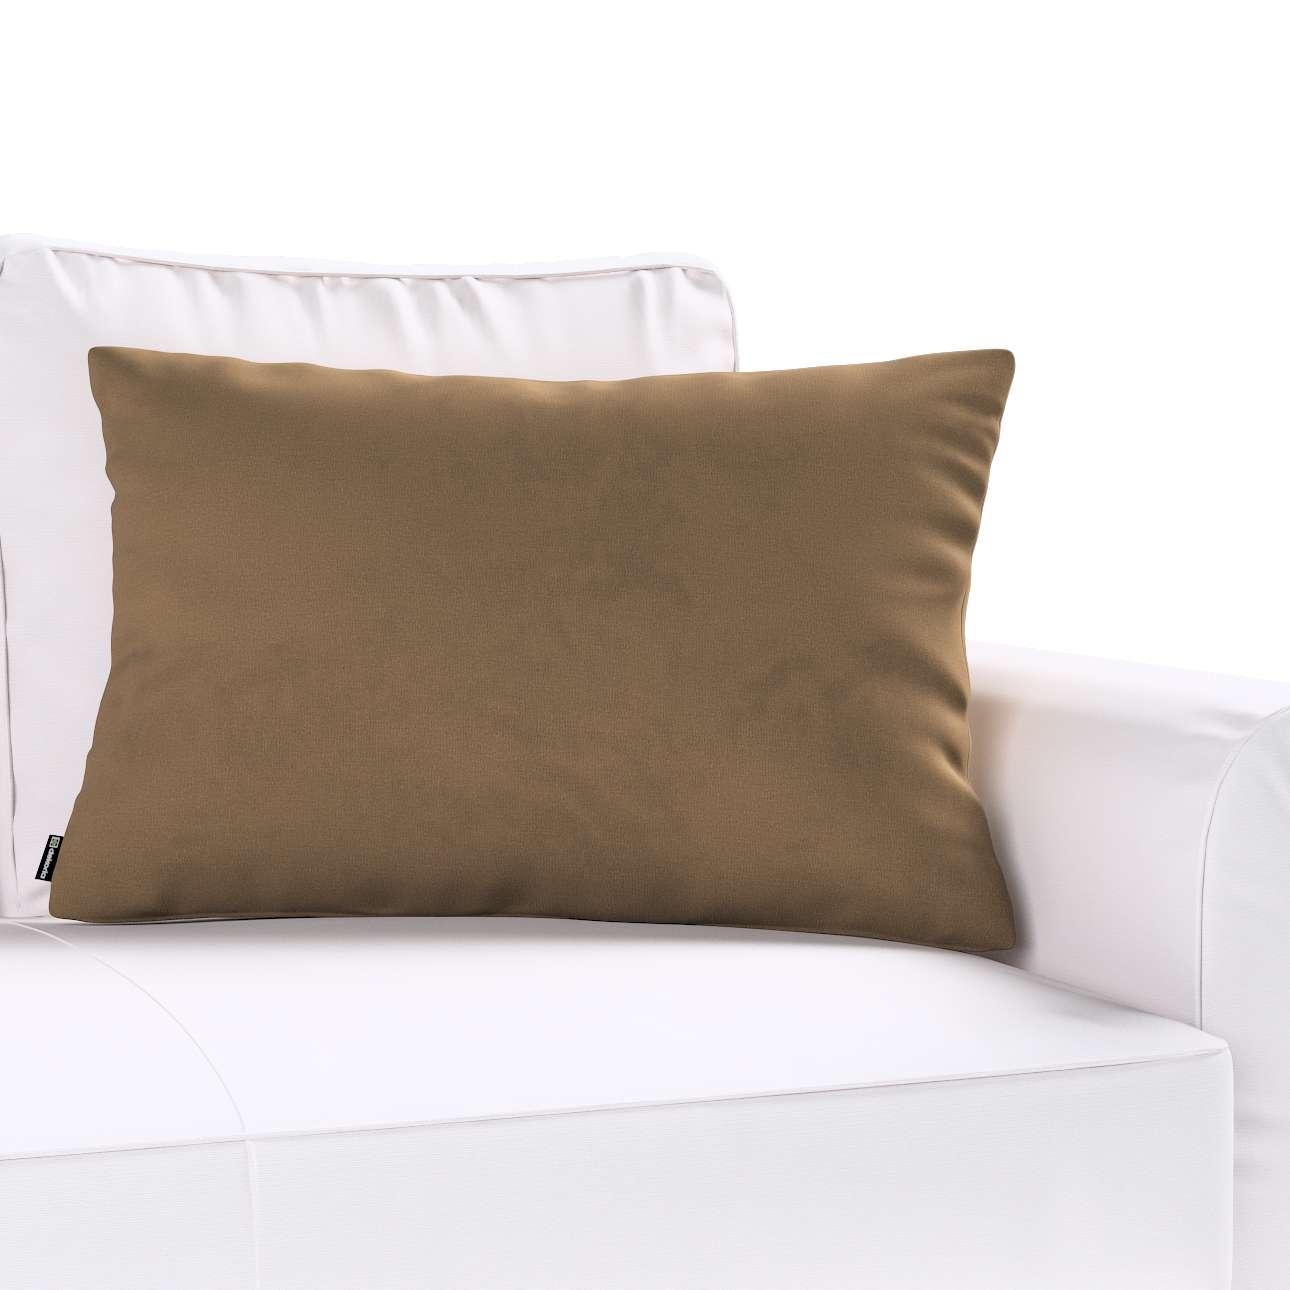 Poszewka Kinga na poduszkę prostokątną w kolekcji Living, tkanina: 160-94